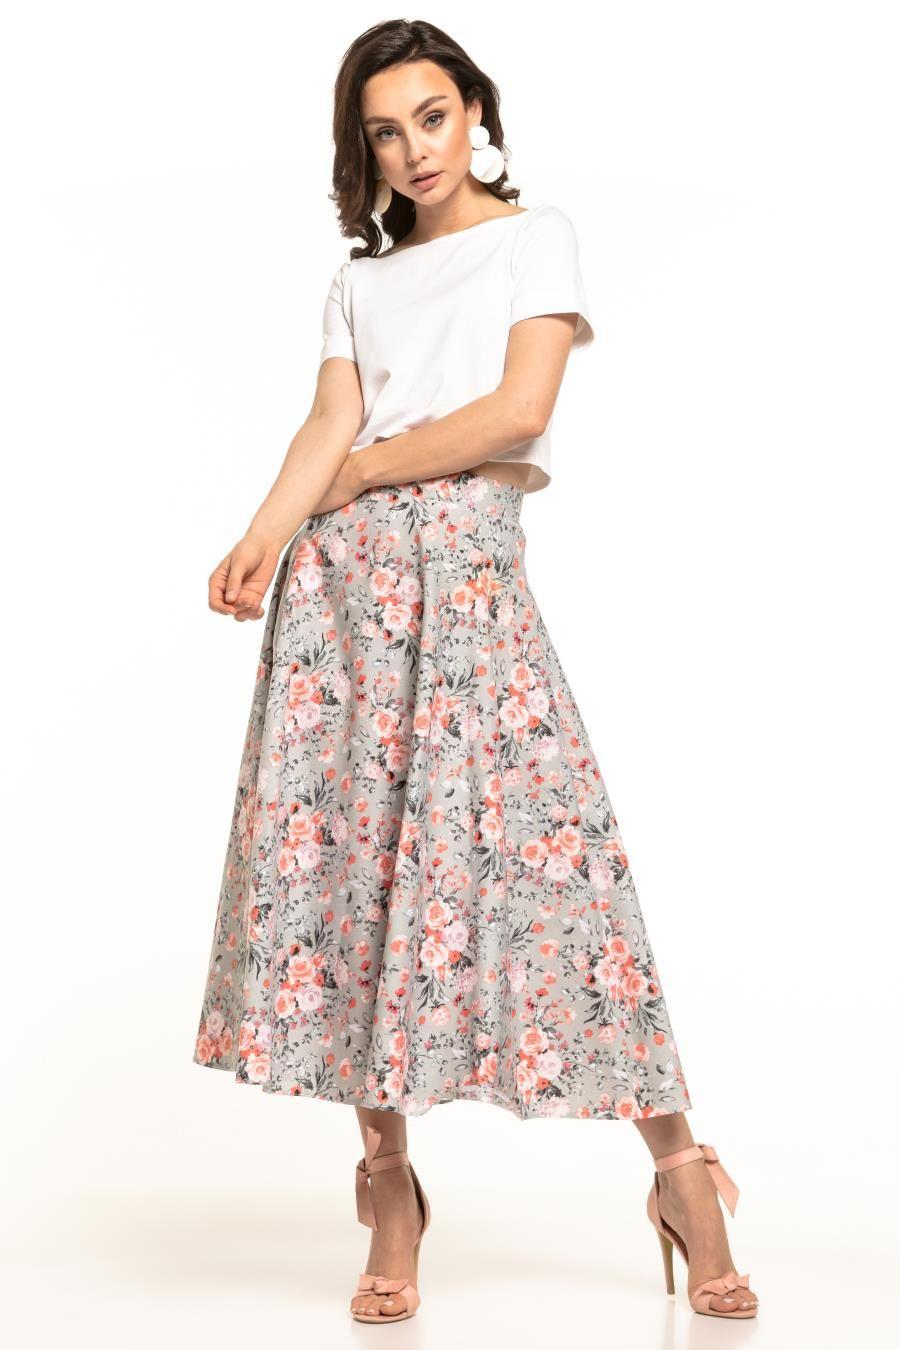 Dluga Spodnica W Kwiaty Te313 Fashion Skirts Midi Skirt